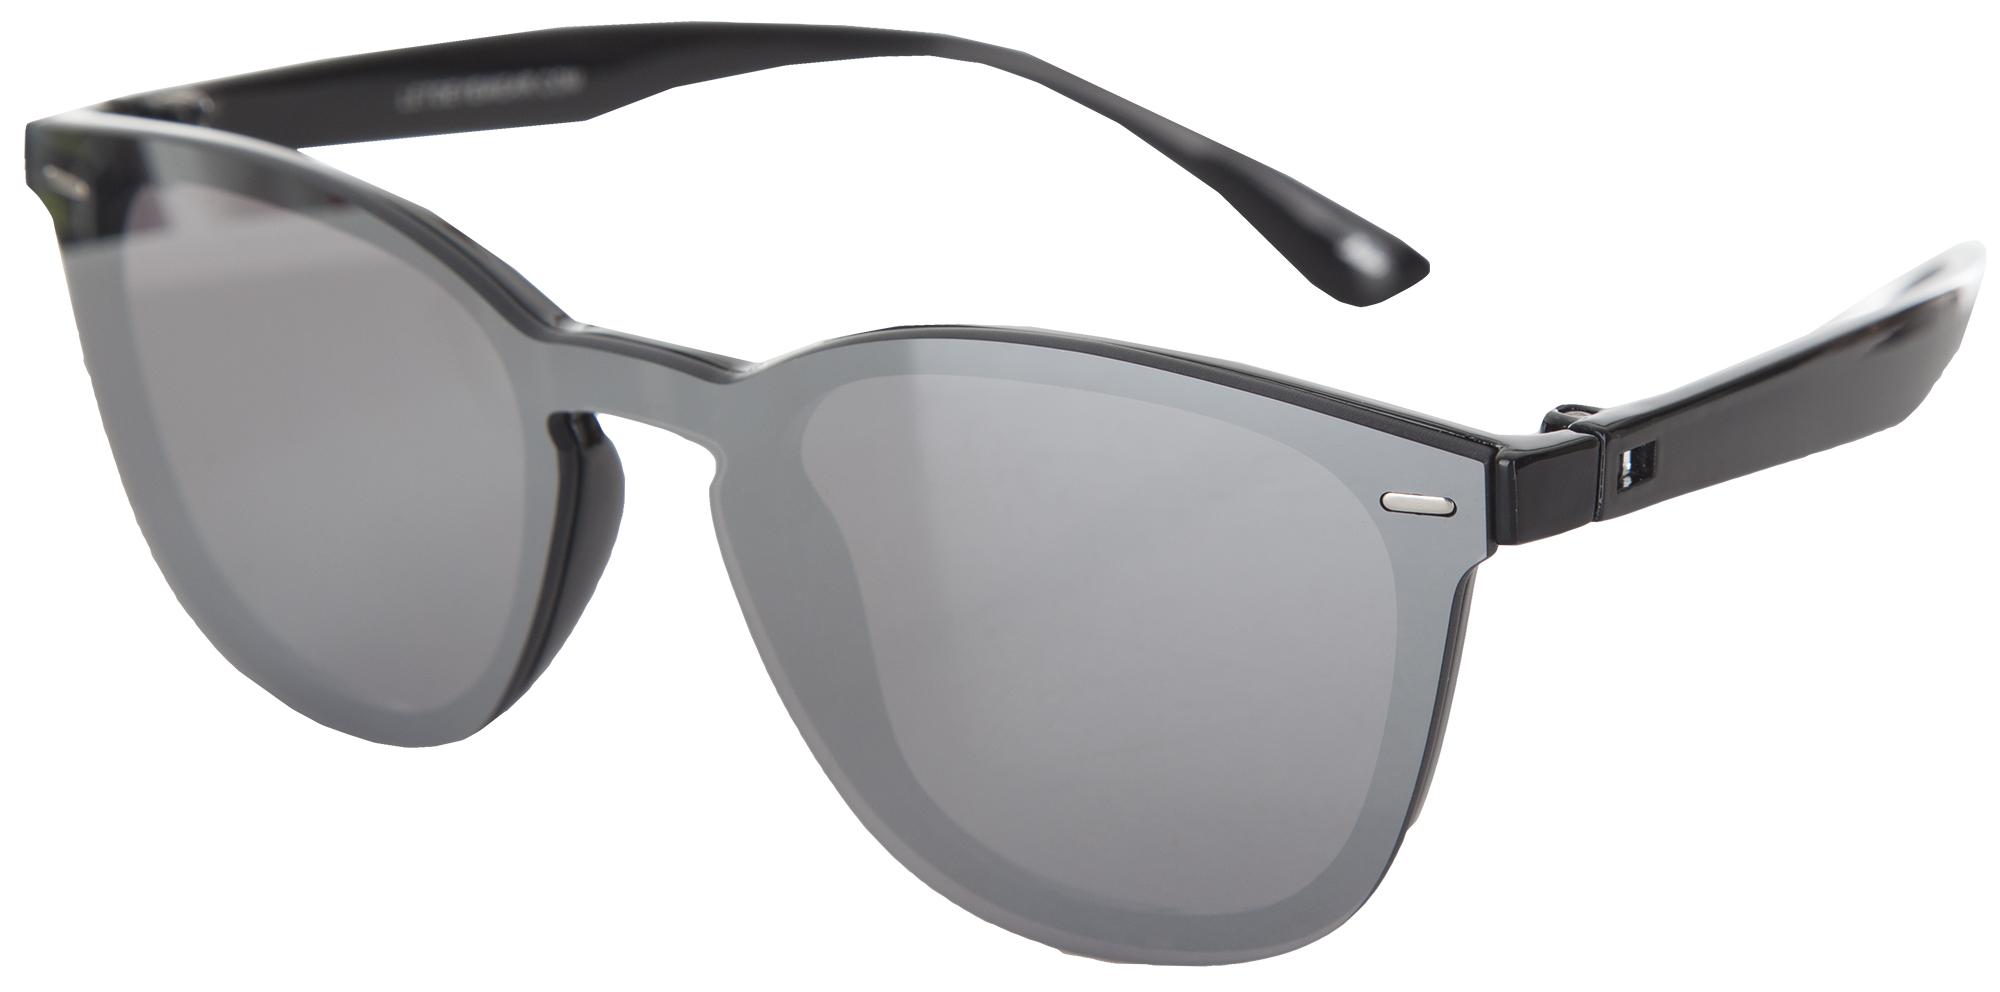 цена Leto Солнцезащитные очки женские Leto онлайн в 2017 году